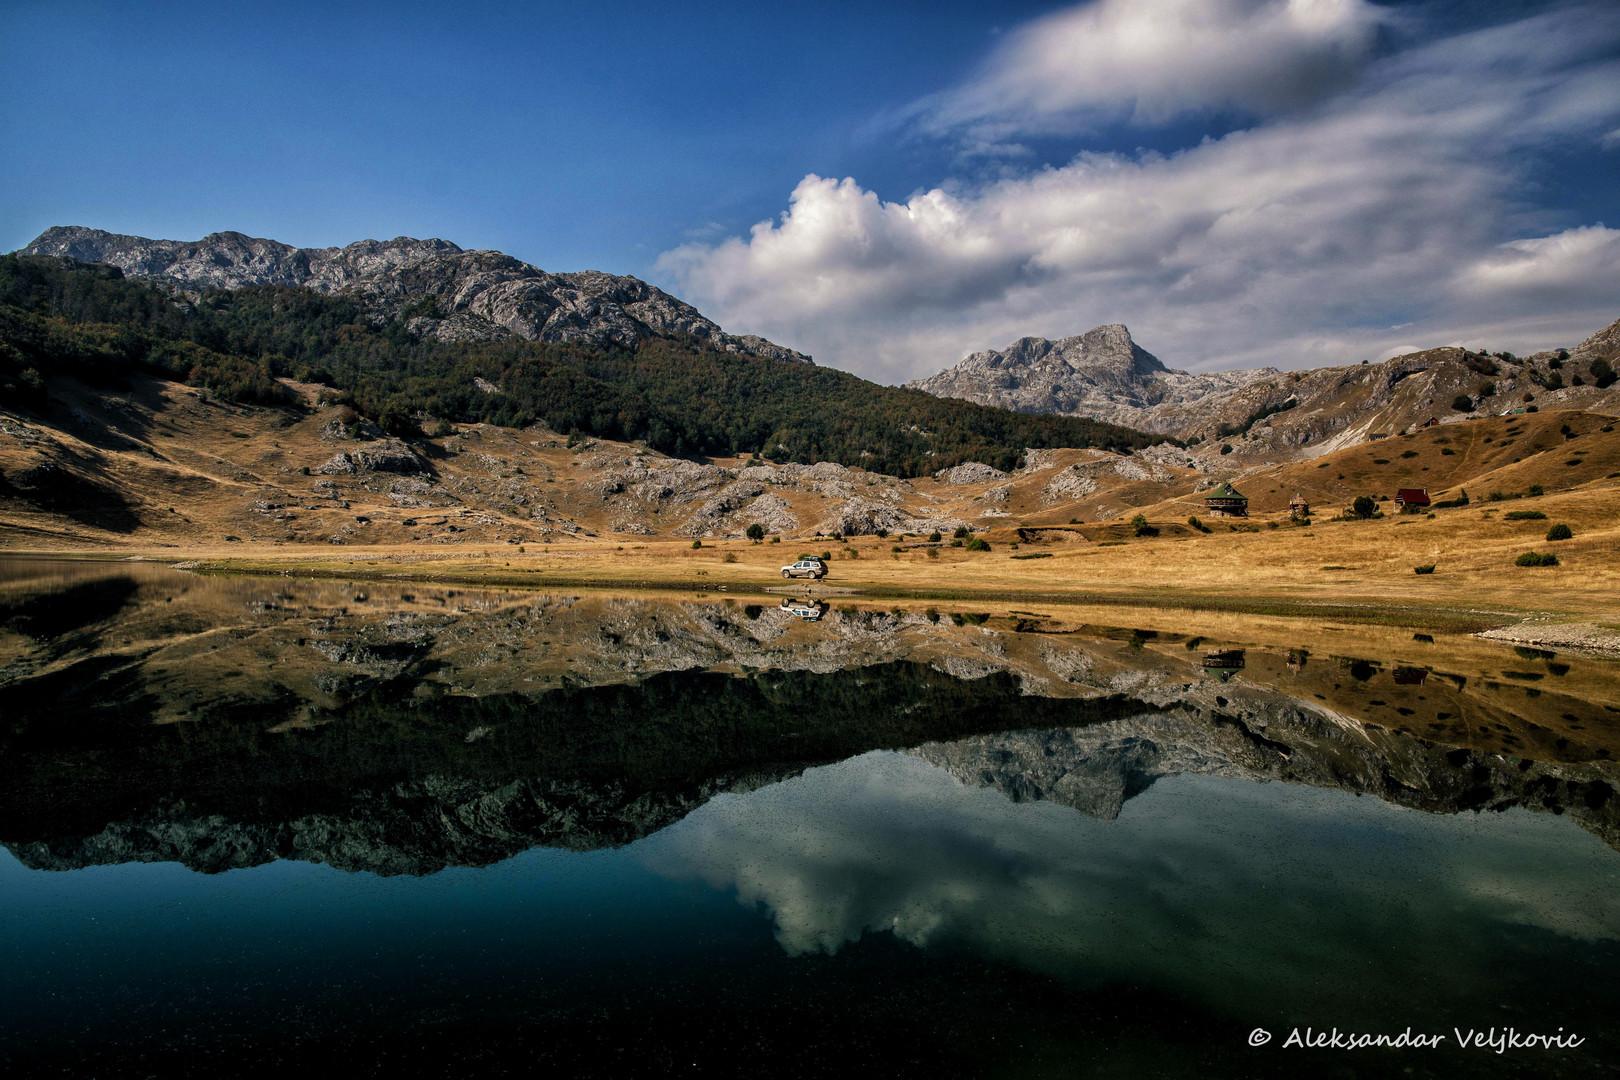 Rikavačko jezero